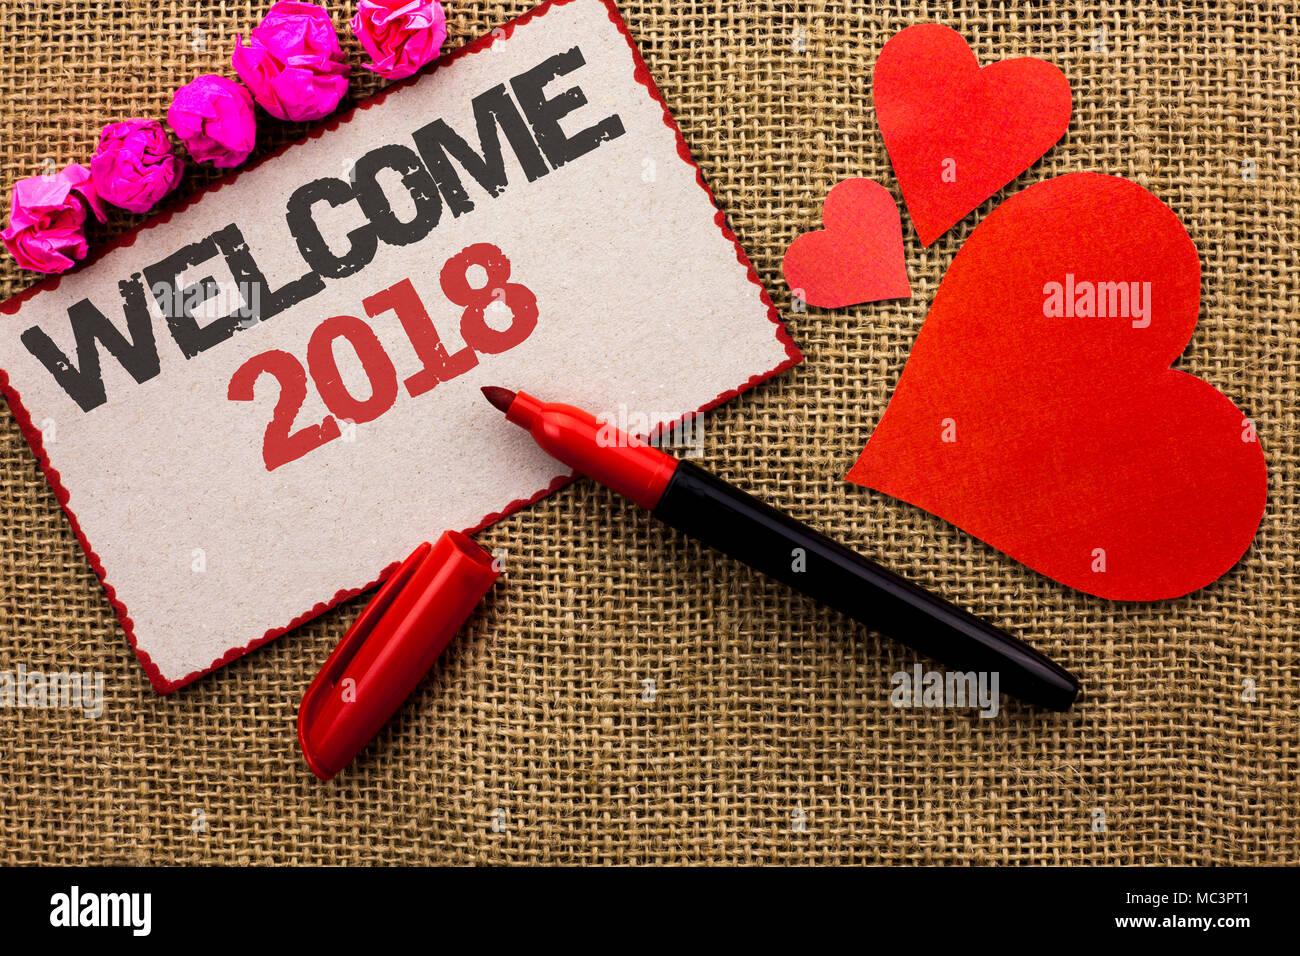 Wort schreiben Text Willkommen 2018. Business Konzept für Feier neue Feiern Wünsche für die Zukunft erfreuliche Wunsch Karton Stück geschrieben die Jute backgrou Stockbild